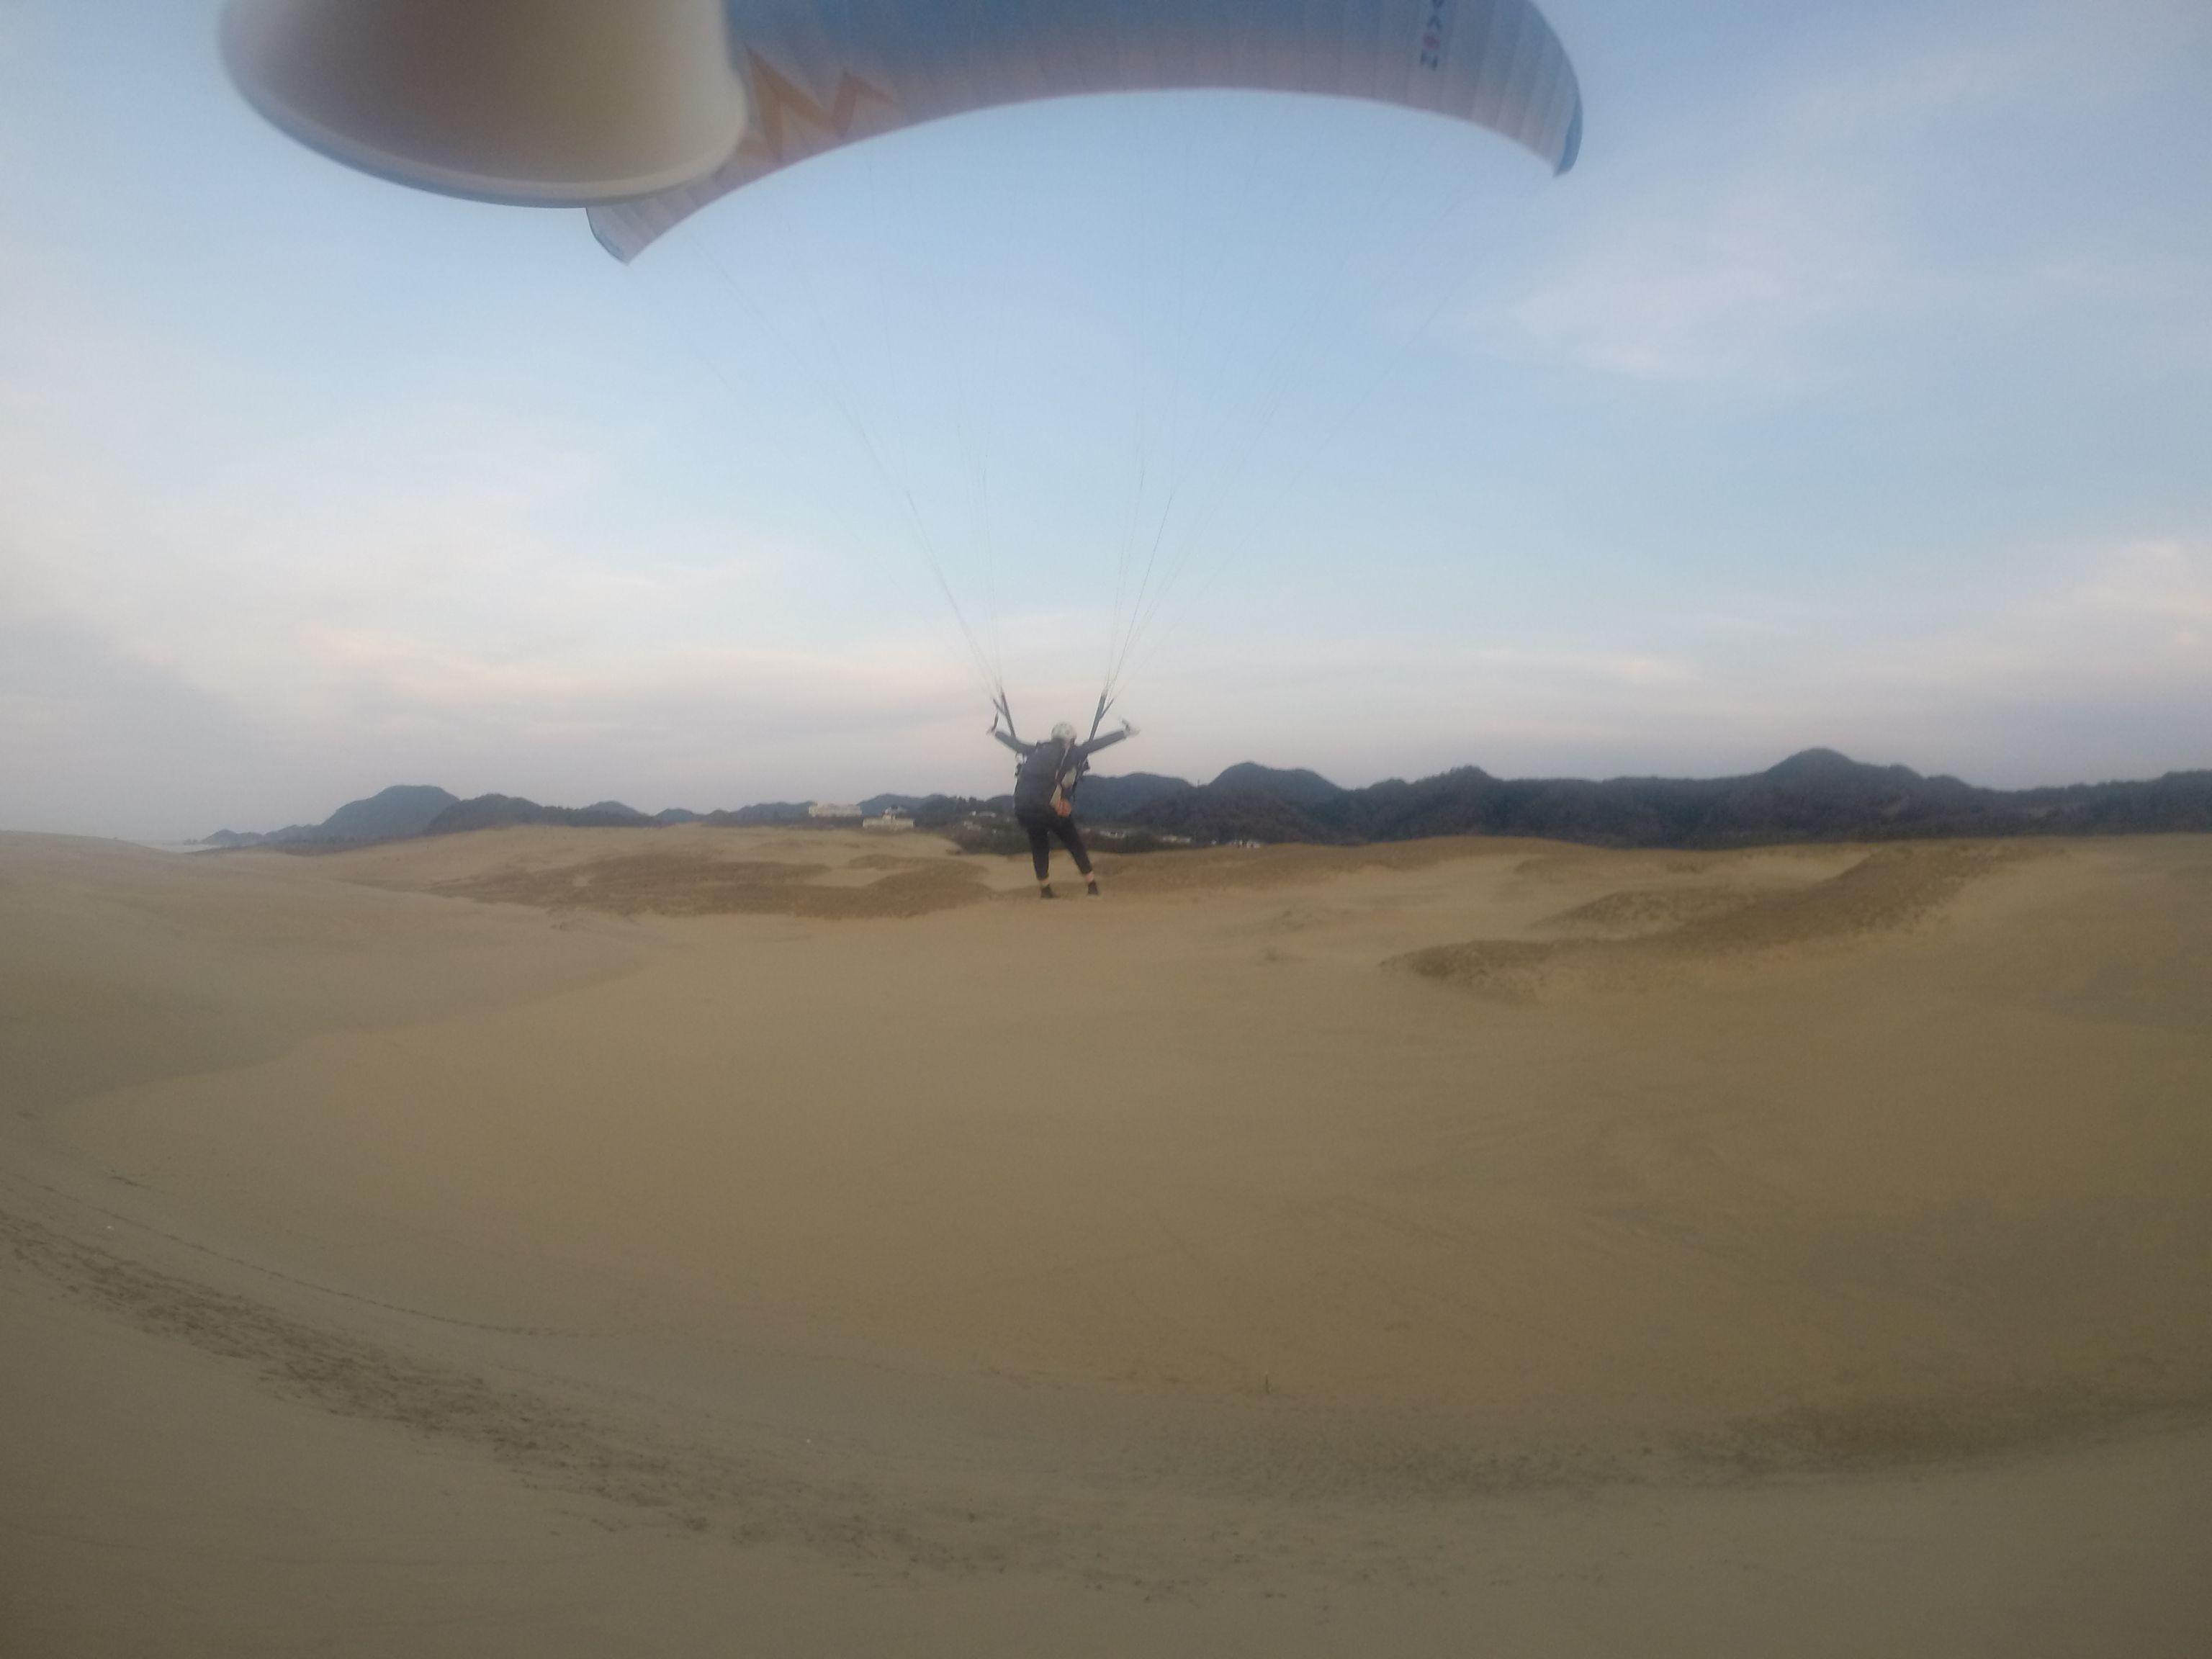 落差の大きな丘から、最後はダイナミックに飛ぶ